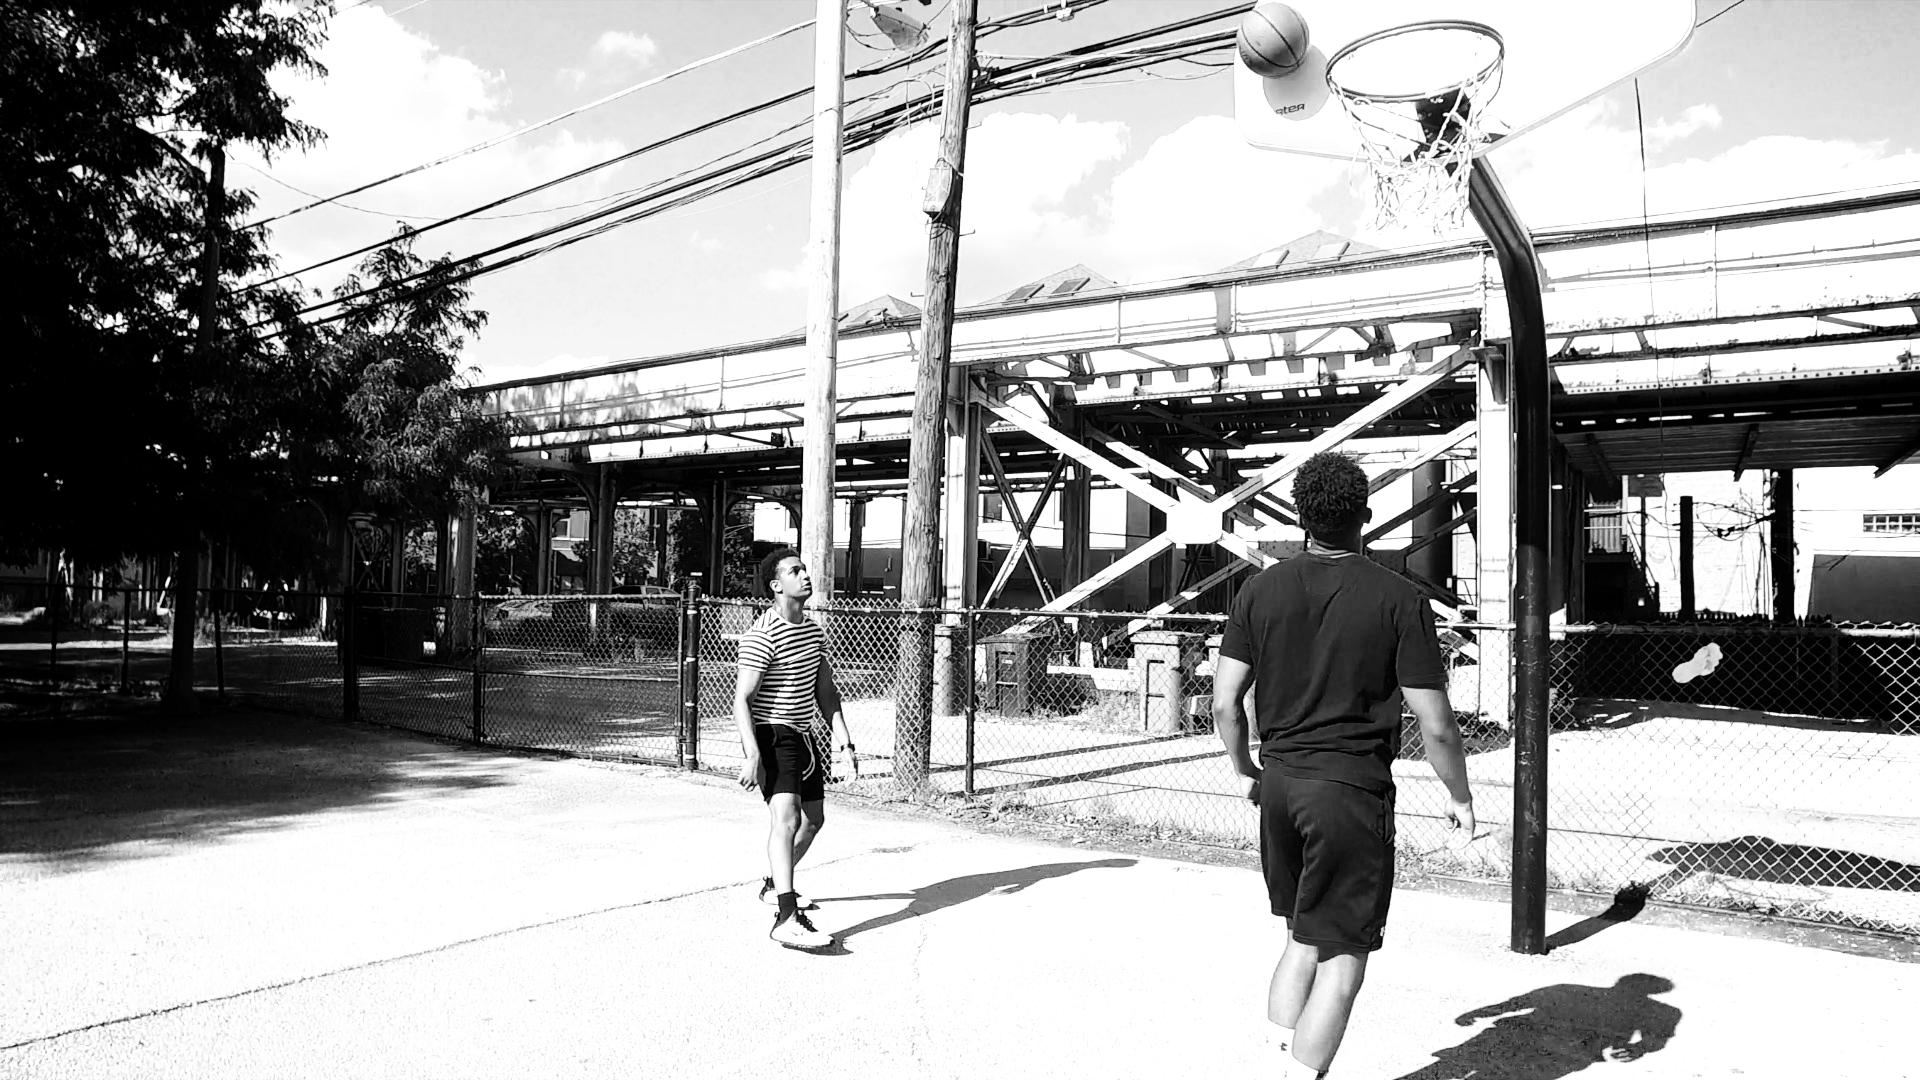 Shooting hoops_00000.png